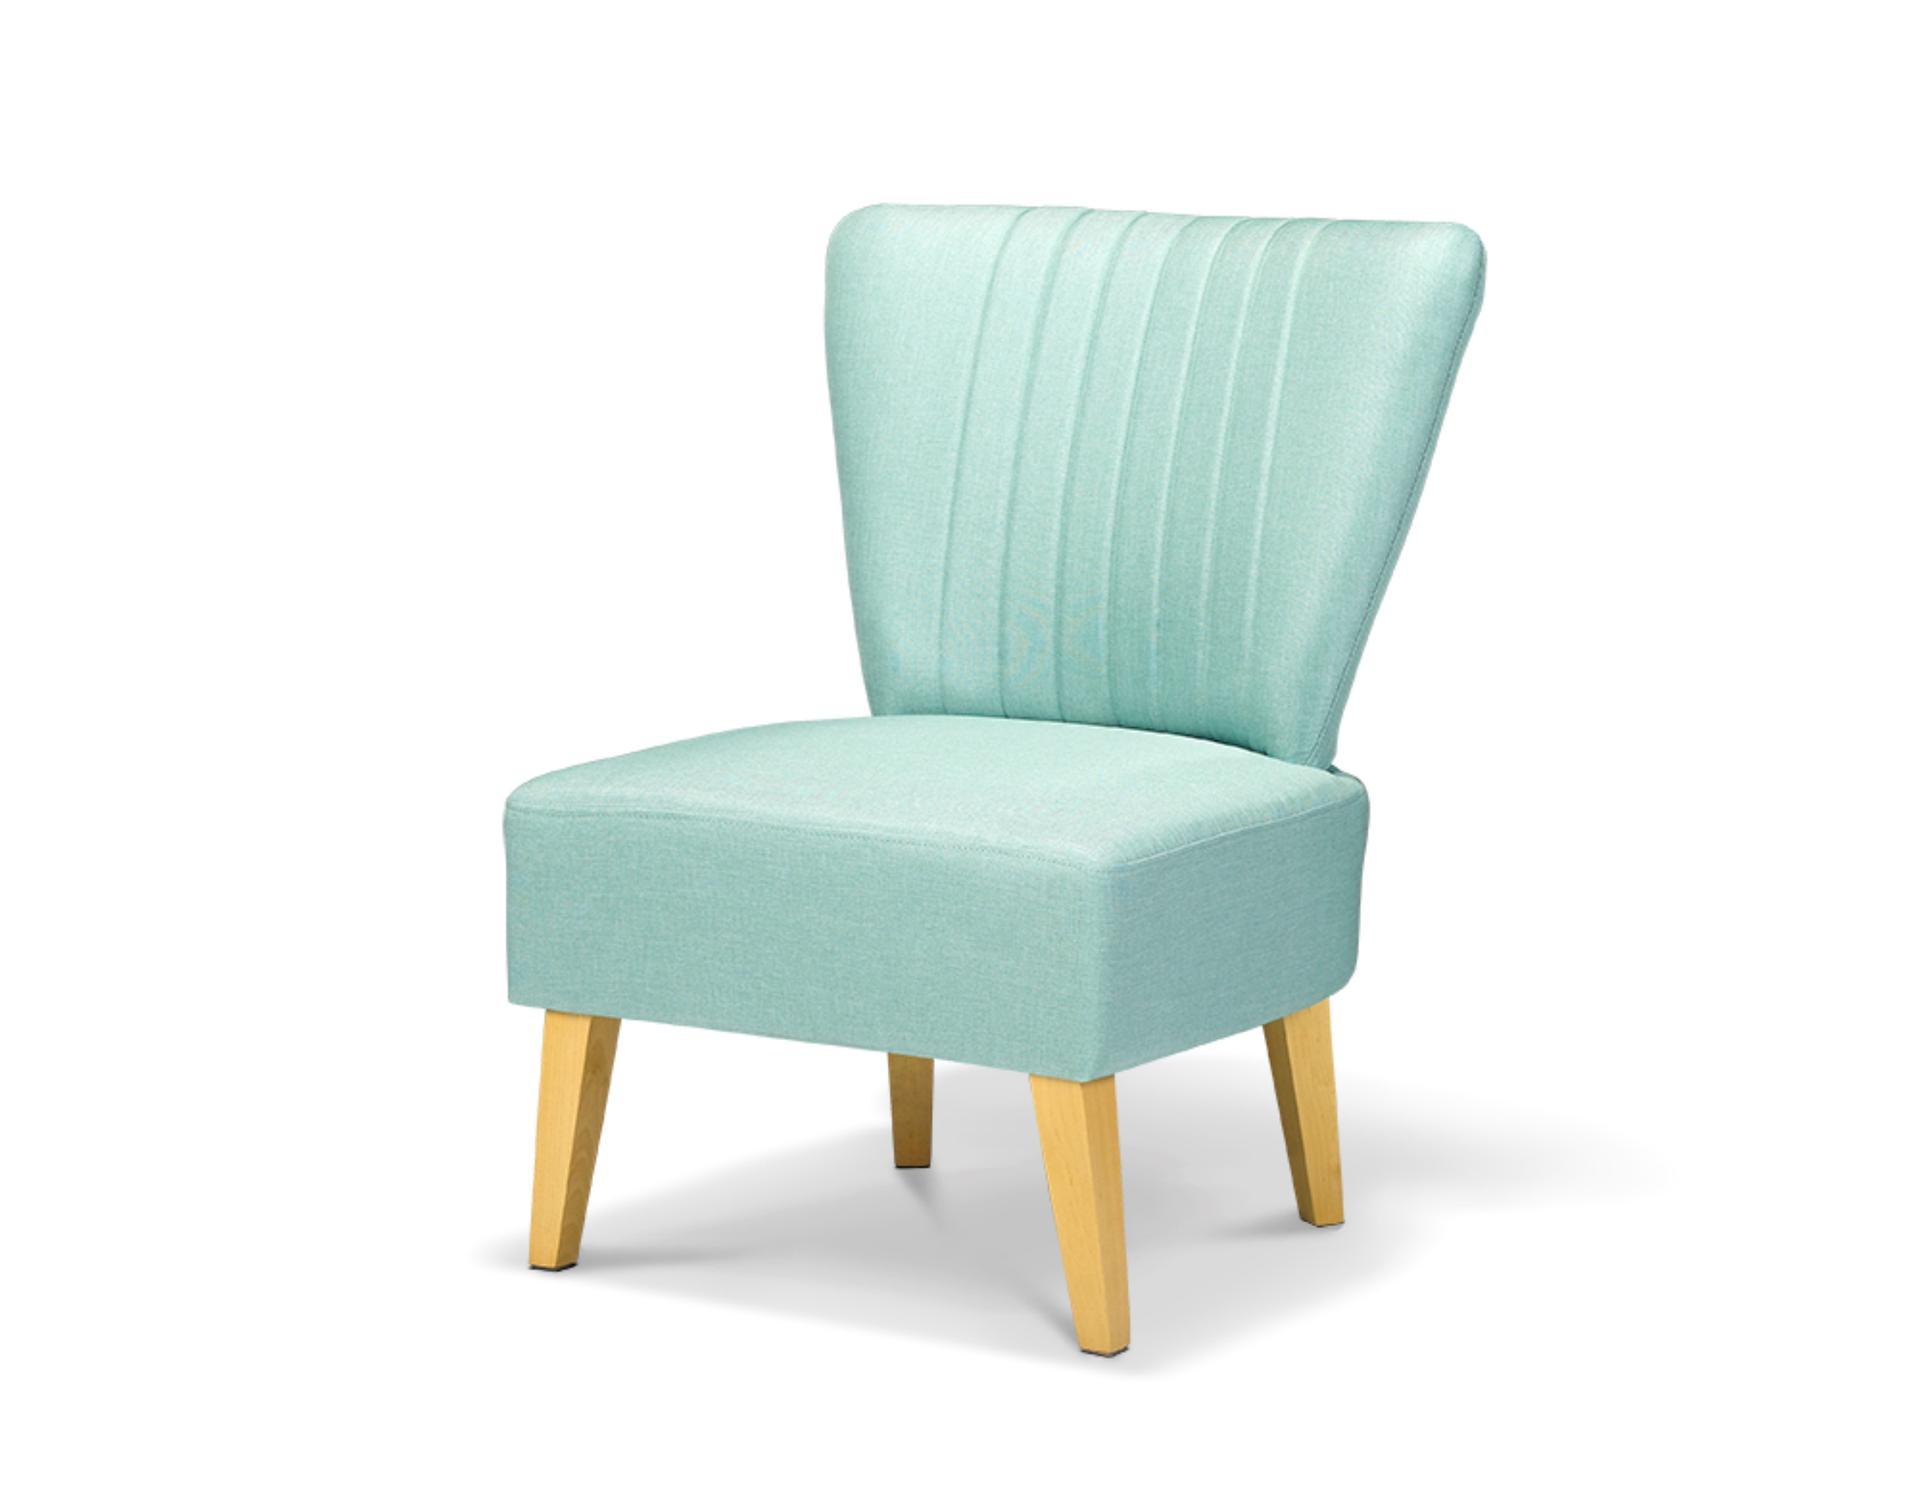 כורסא דגם COMBI ב- 349 שקלים. צילום: ישראל כהן